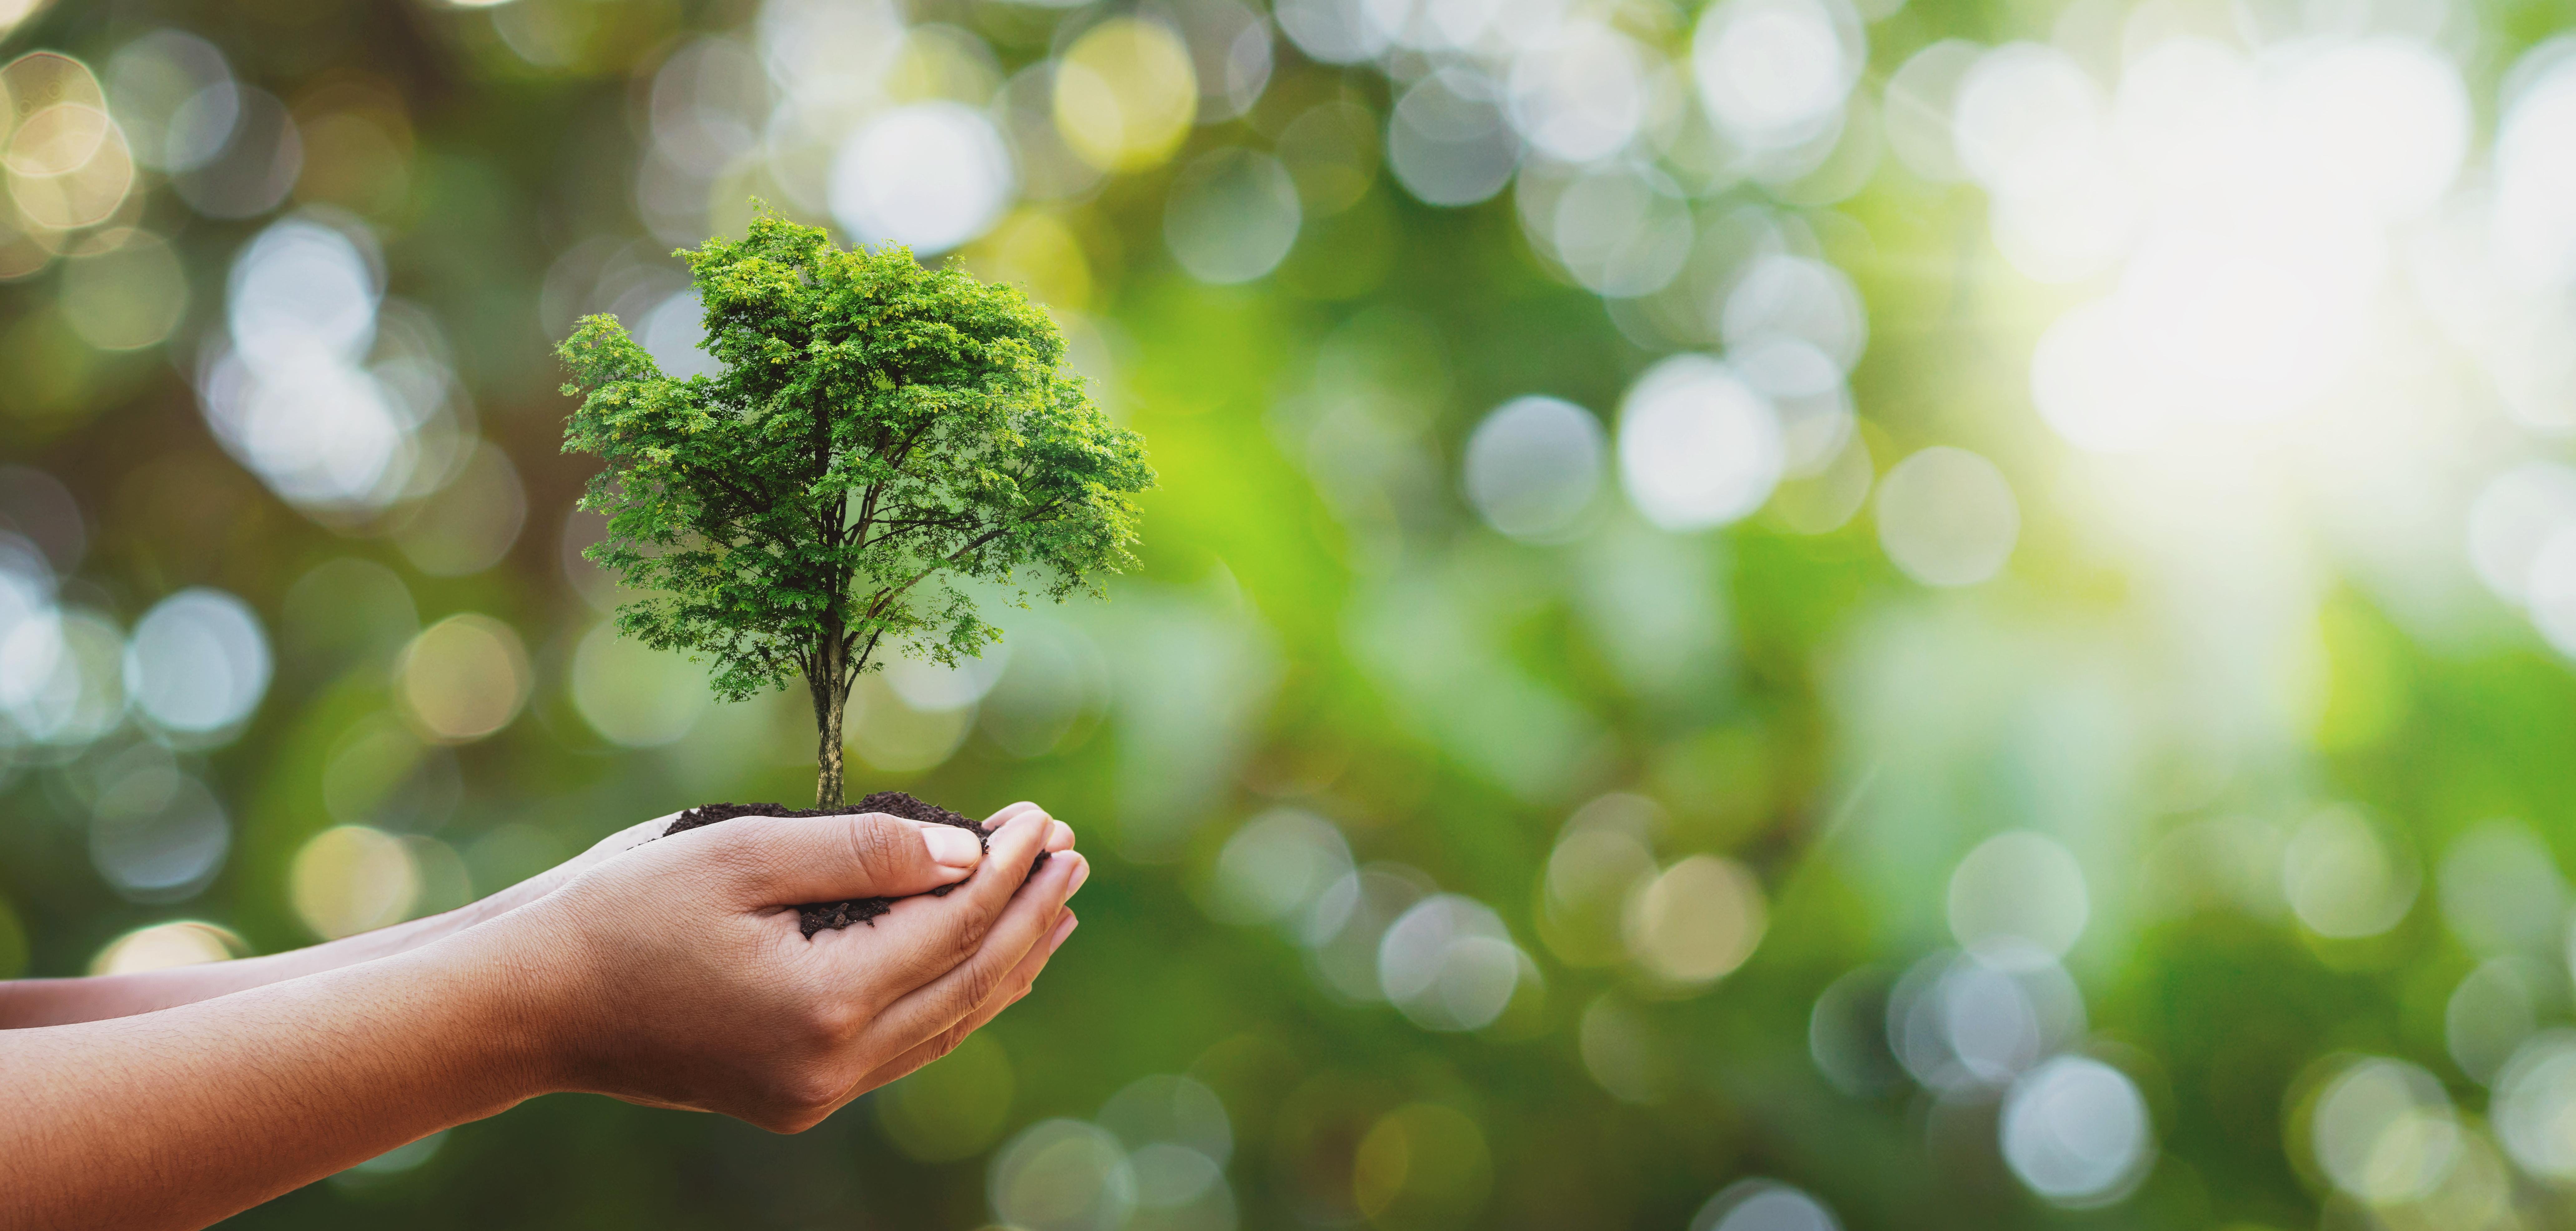 Seja um consumidor consciente. Recicle!